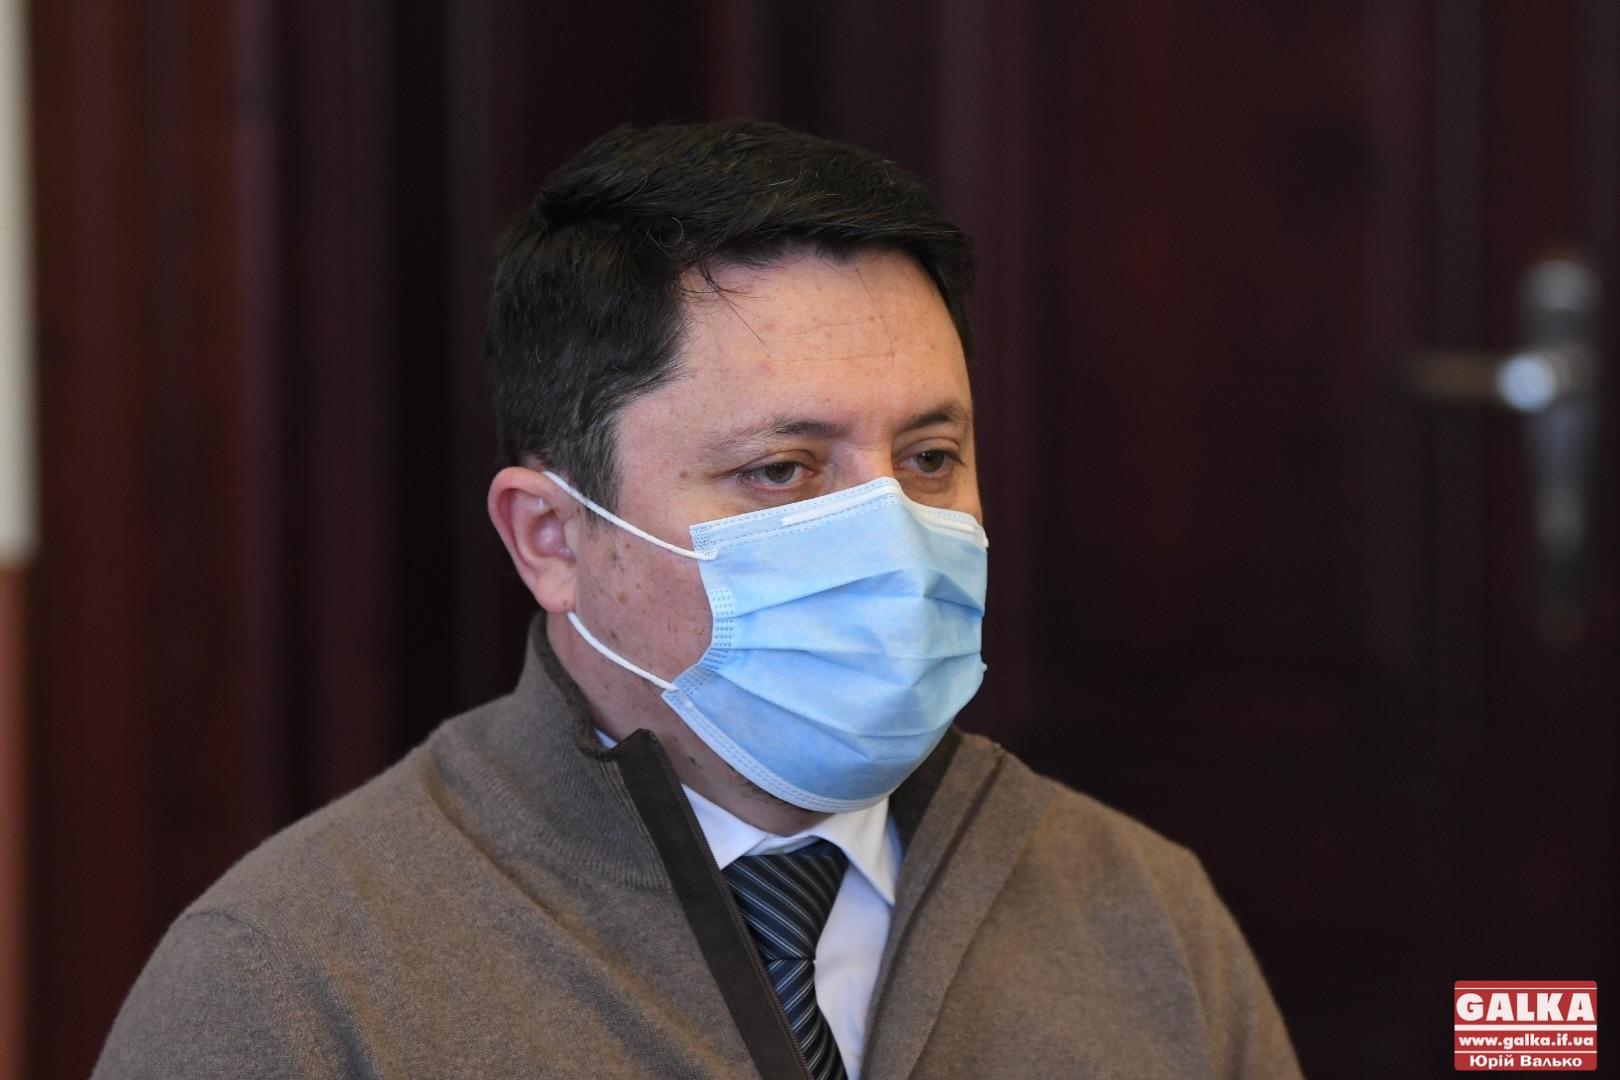 Голова ОДА Андрій Бойчук відзвітував про боротьбу з COVID-19 за 100 днів на роботі